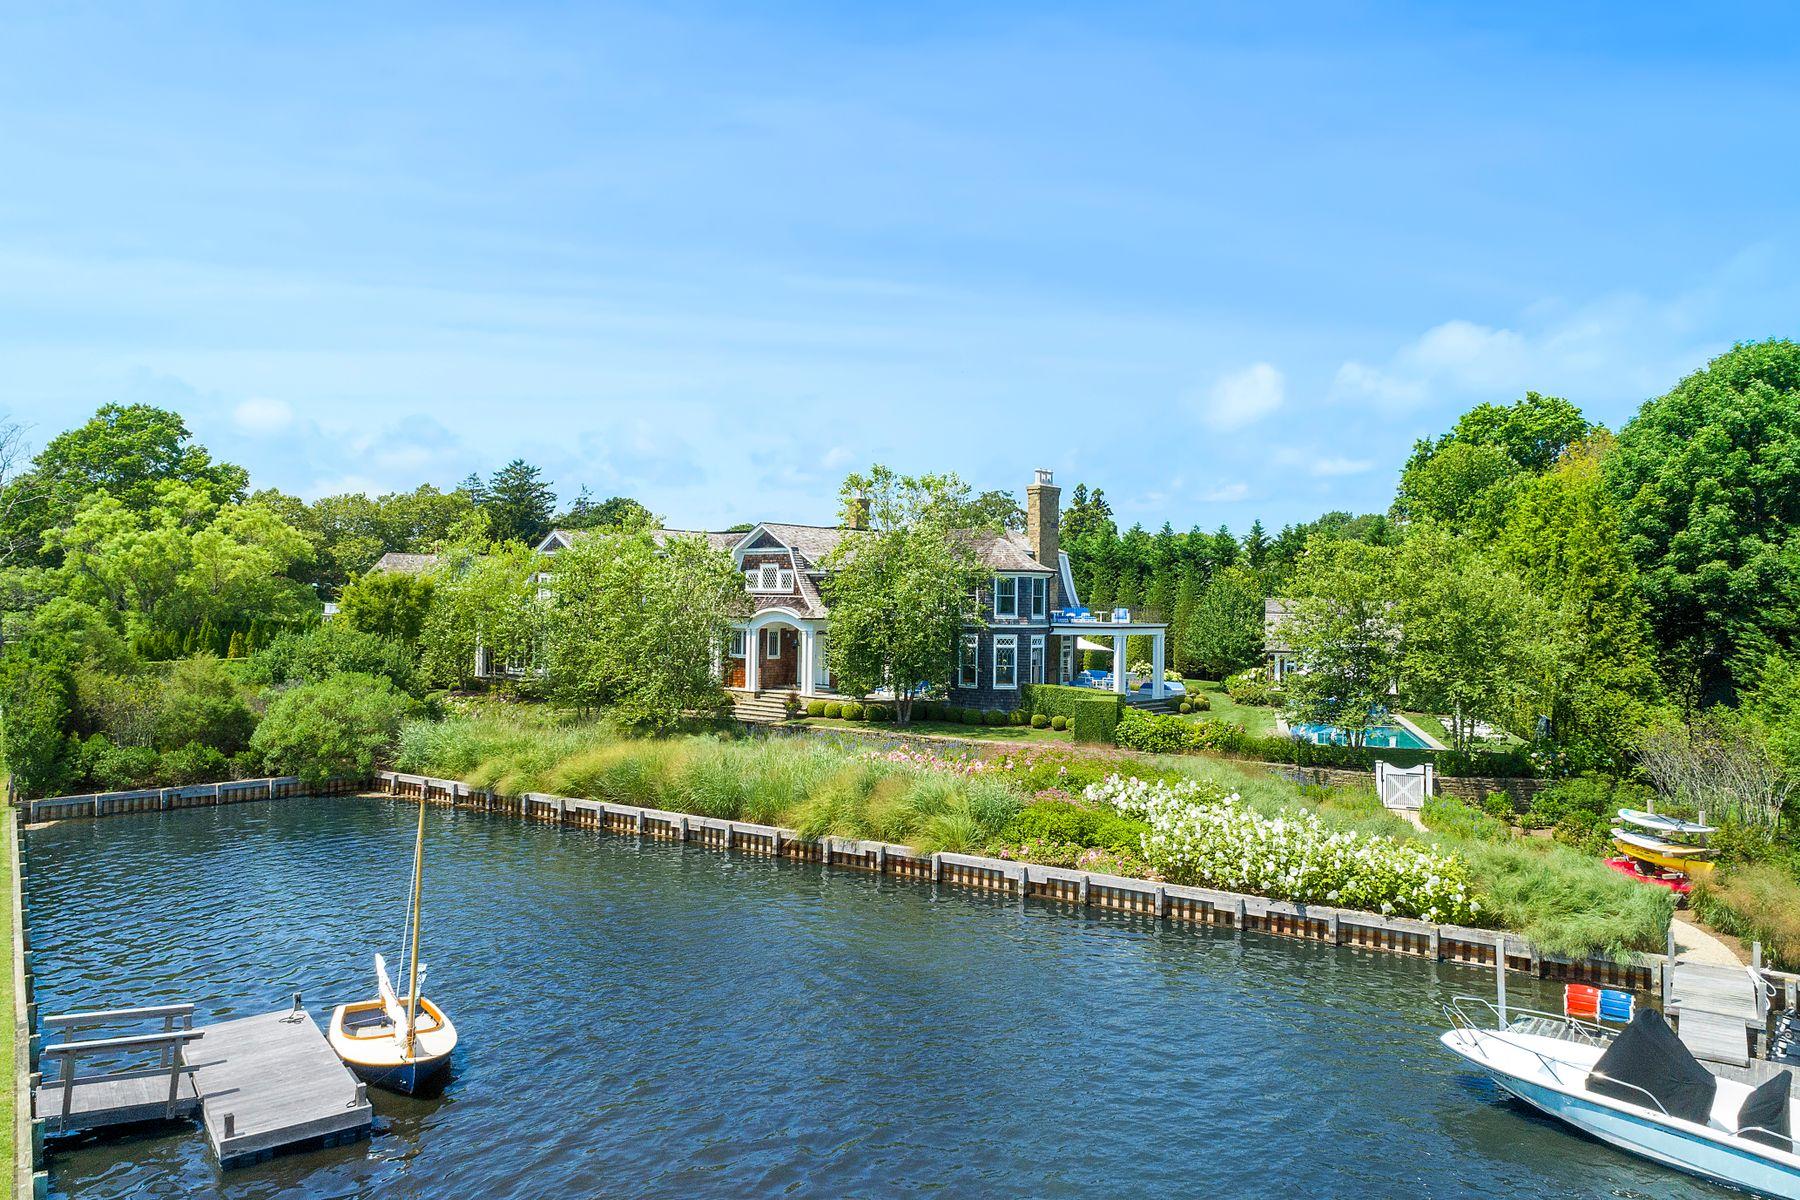 Single Family Homes für Verkauf beim Water Mill Waterfront 29 Cobb Isle Road, Water Mill, New York 11976 Vereinigte Staaten